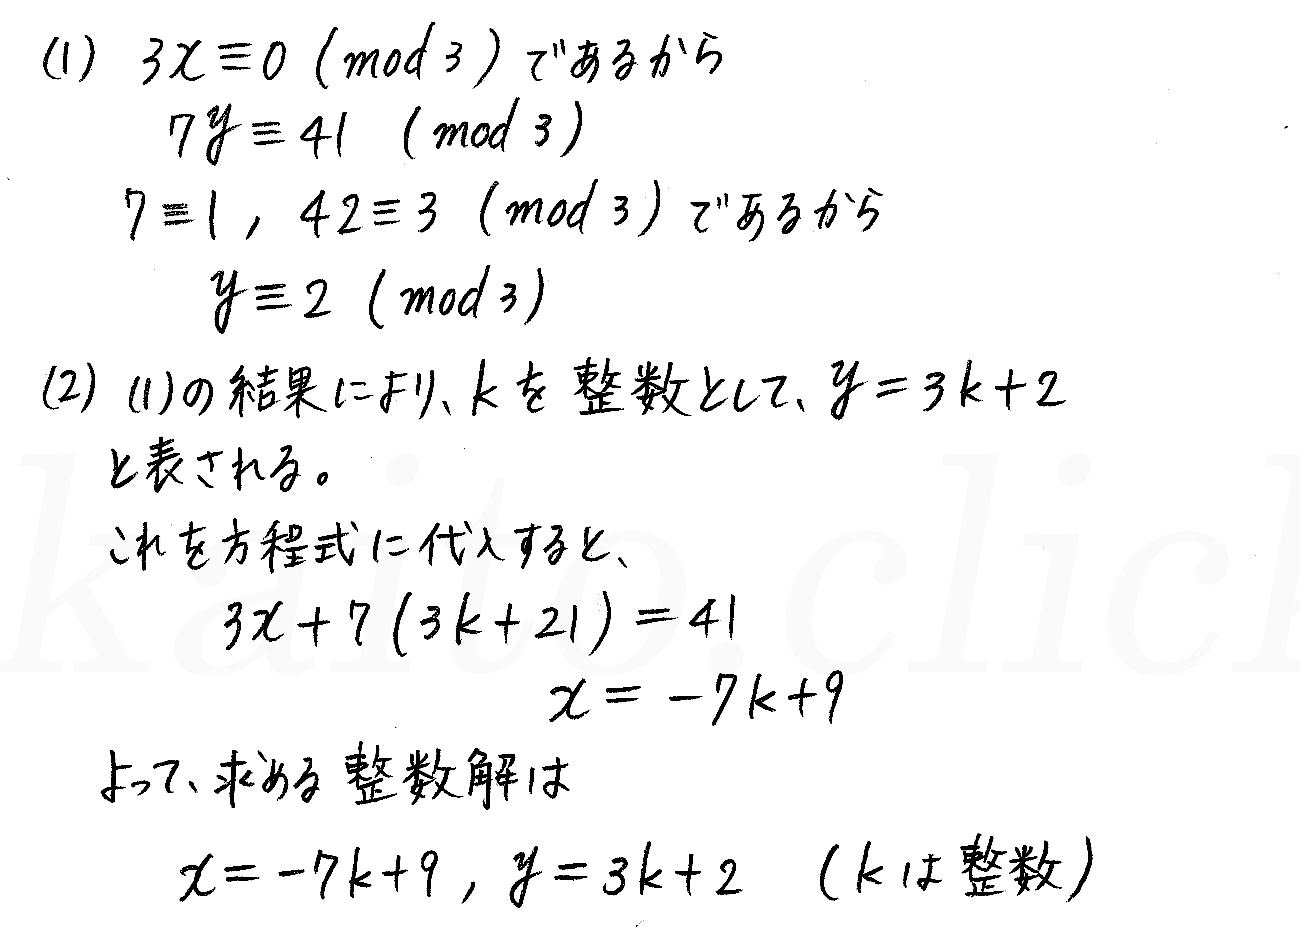 クリアー数学A-286解答